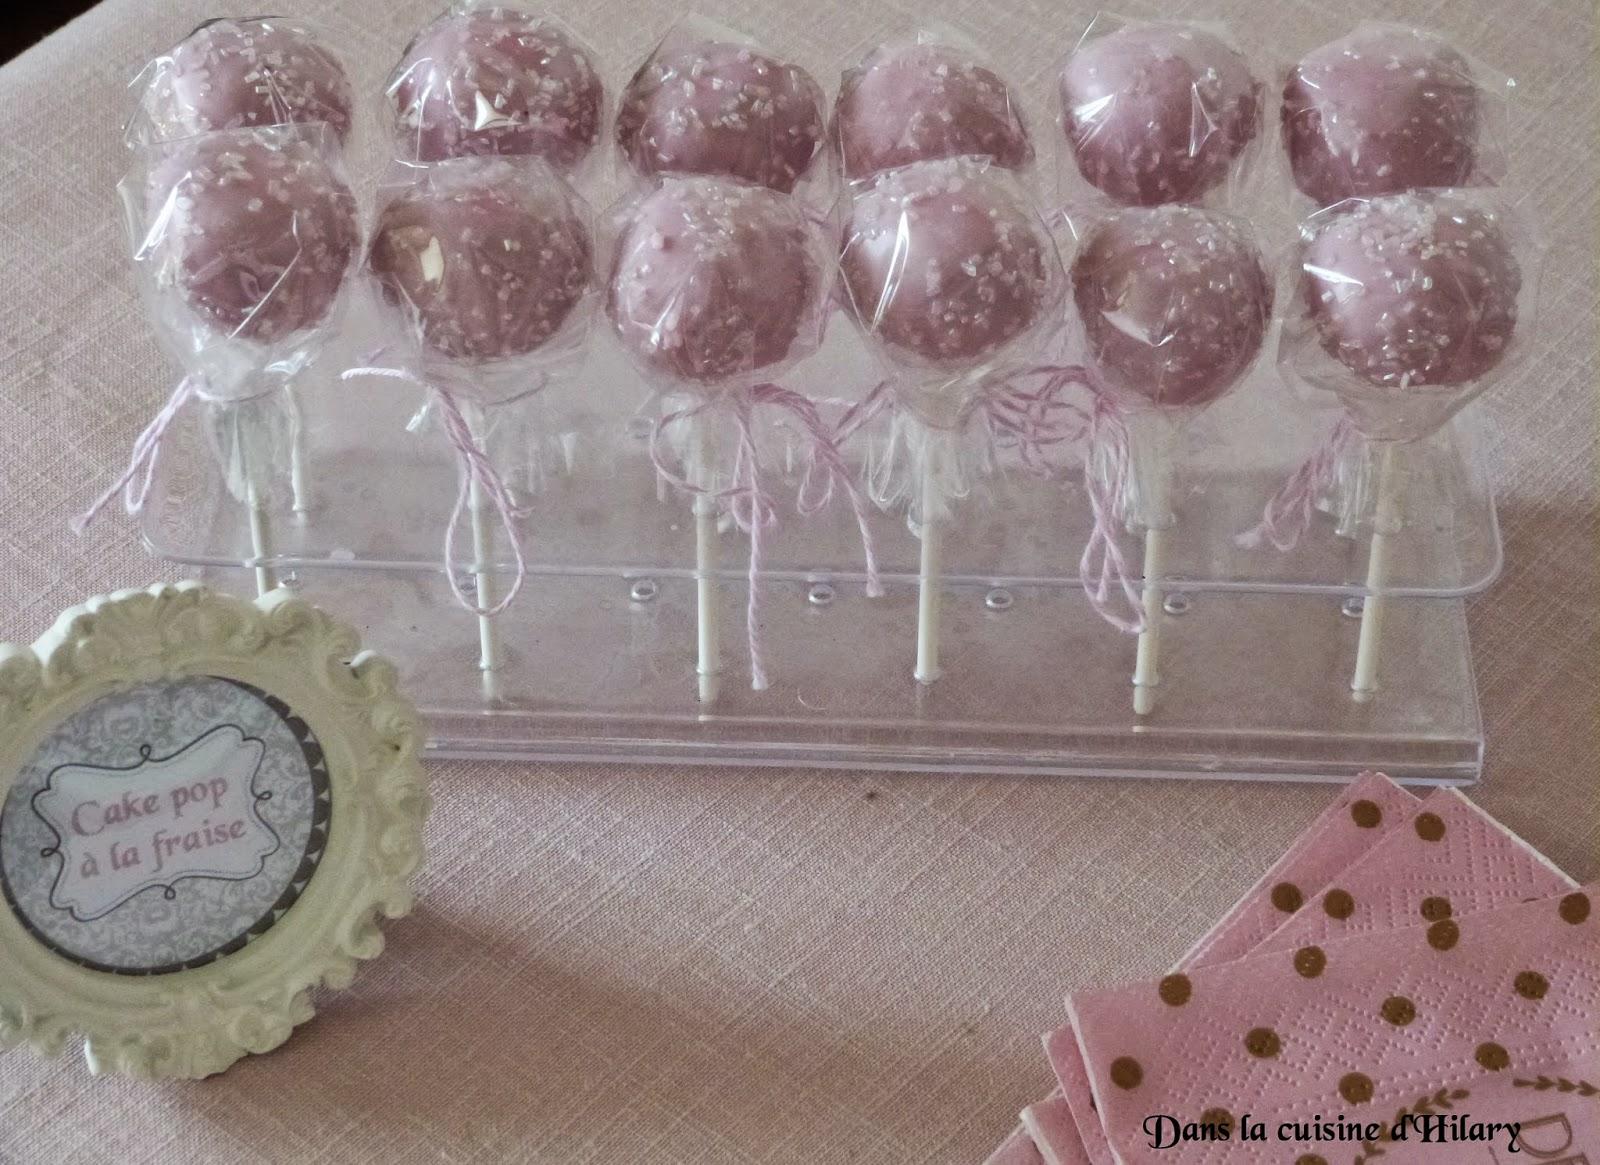 Cake-pop à la fraise